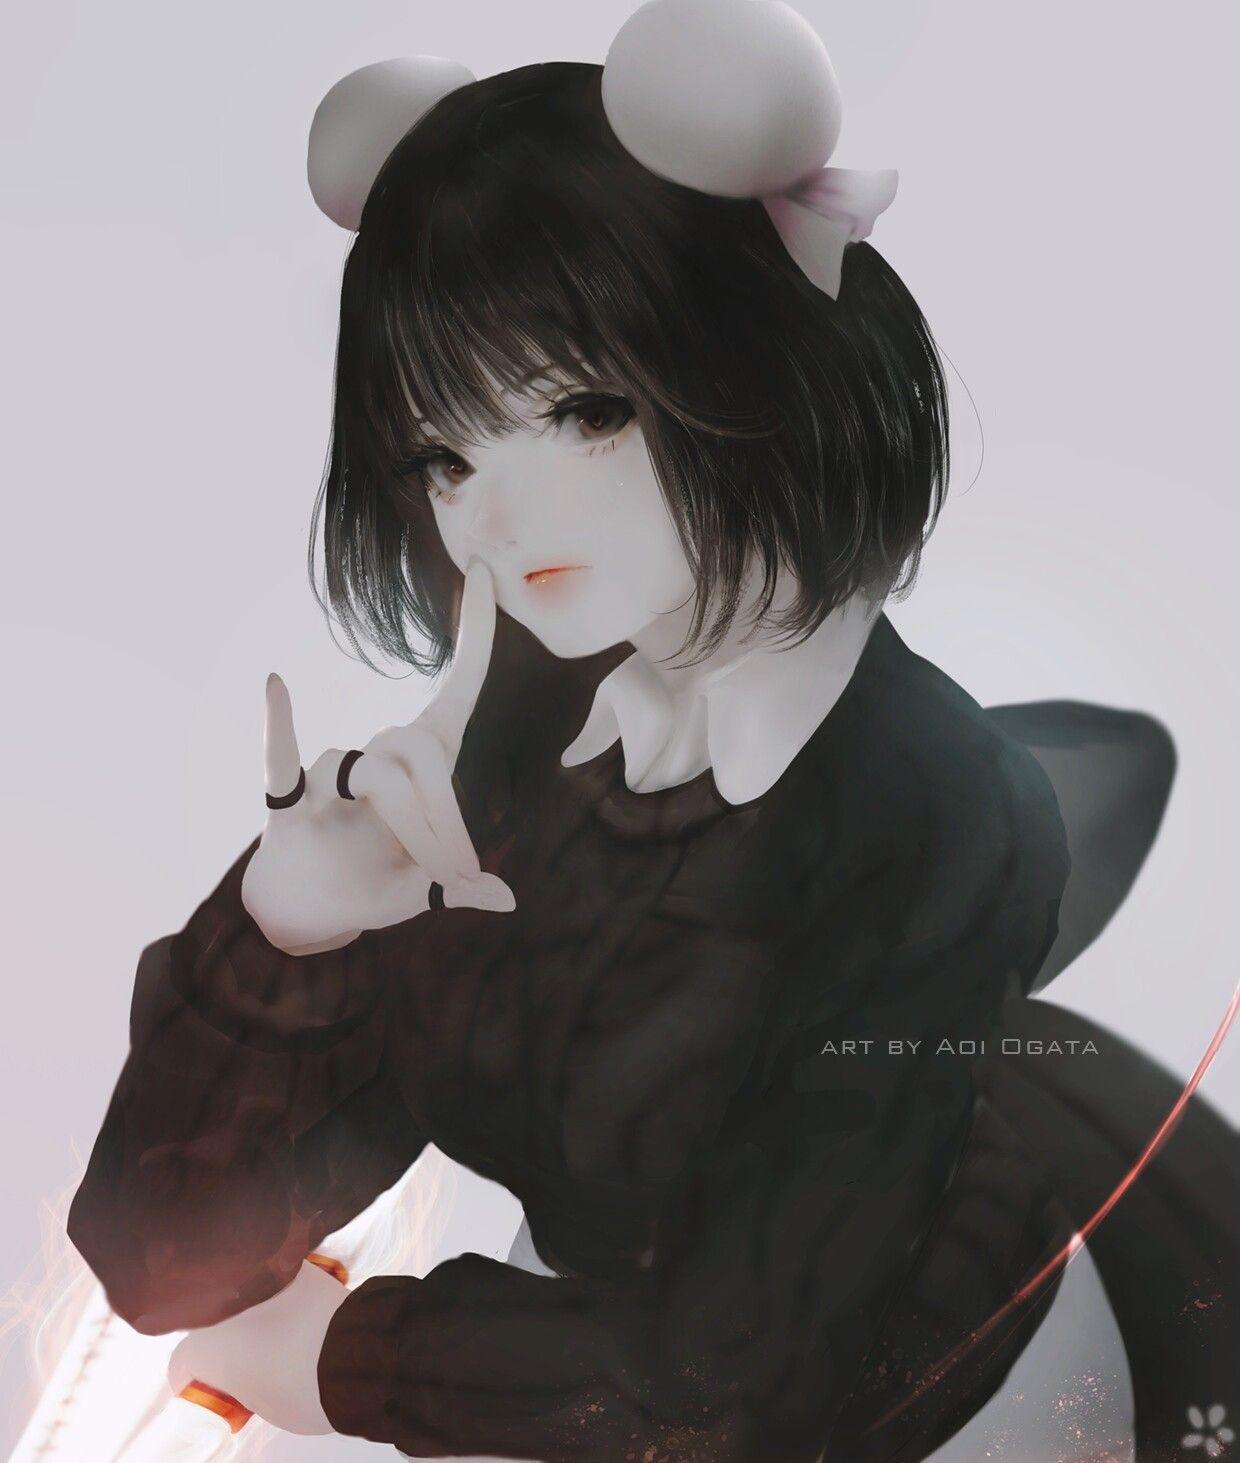 ArtStation - MapleStory 2, Aoi Ogata